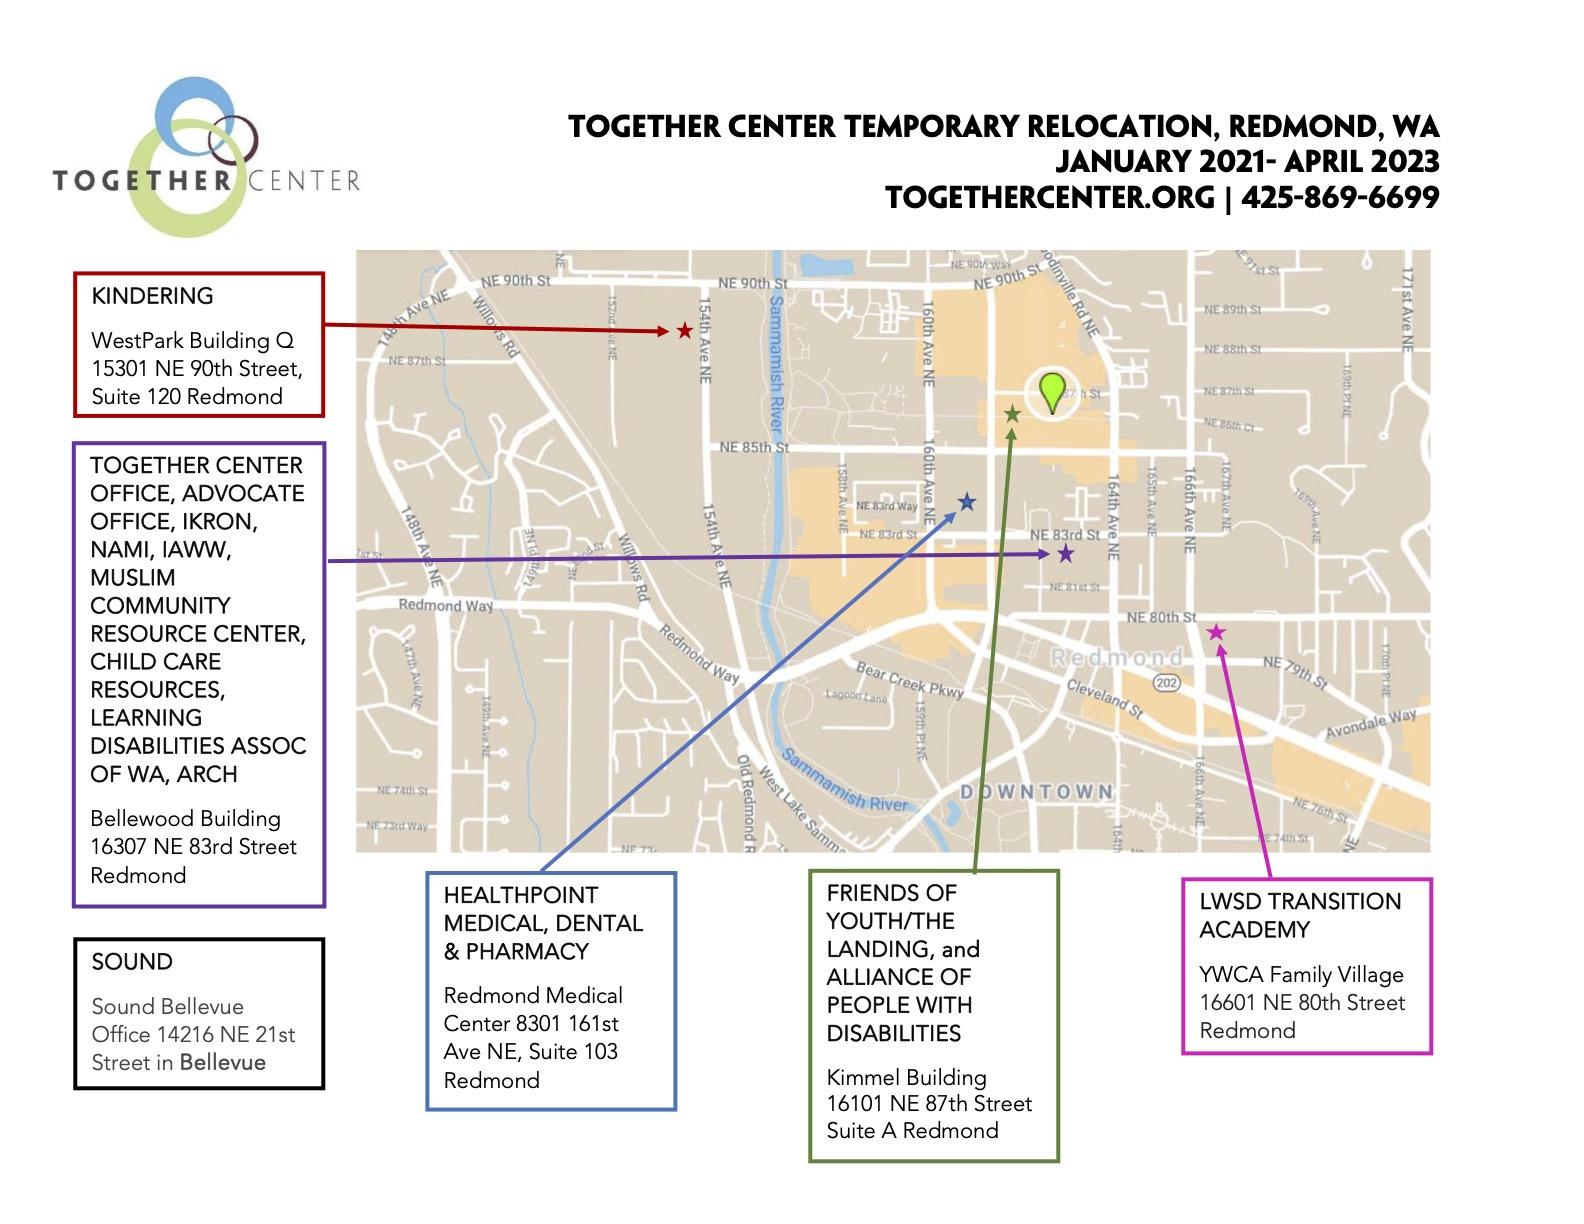 TogetherCenter_temprelo_map_flyer_v6